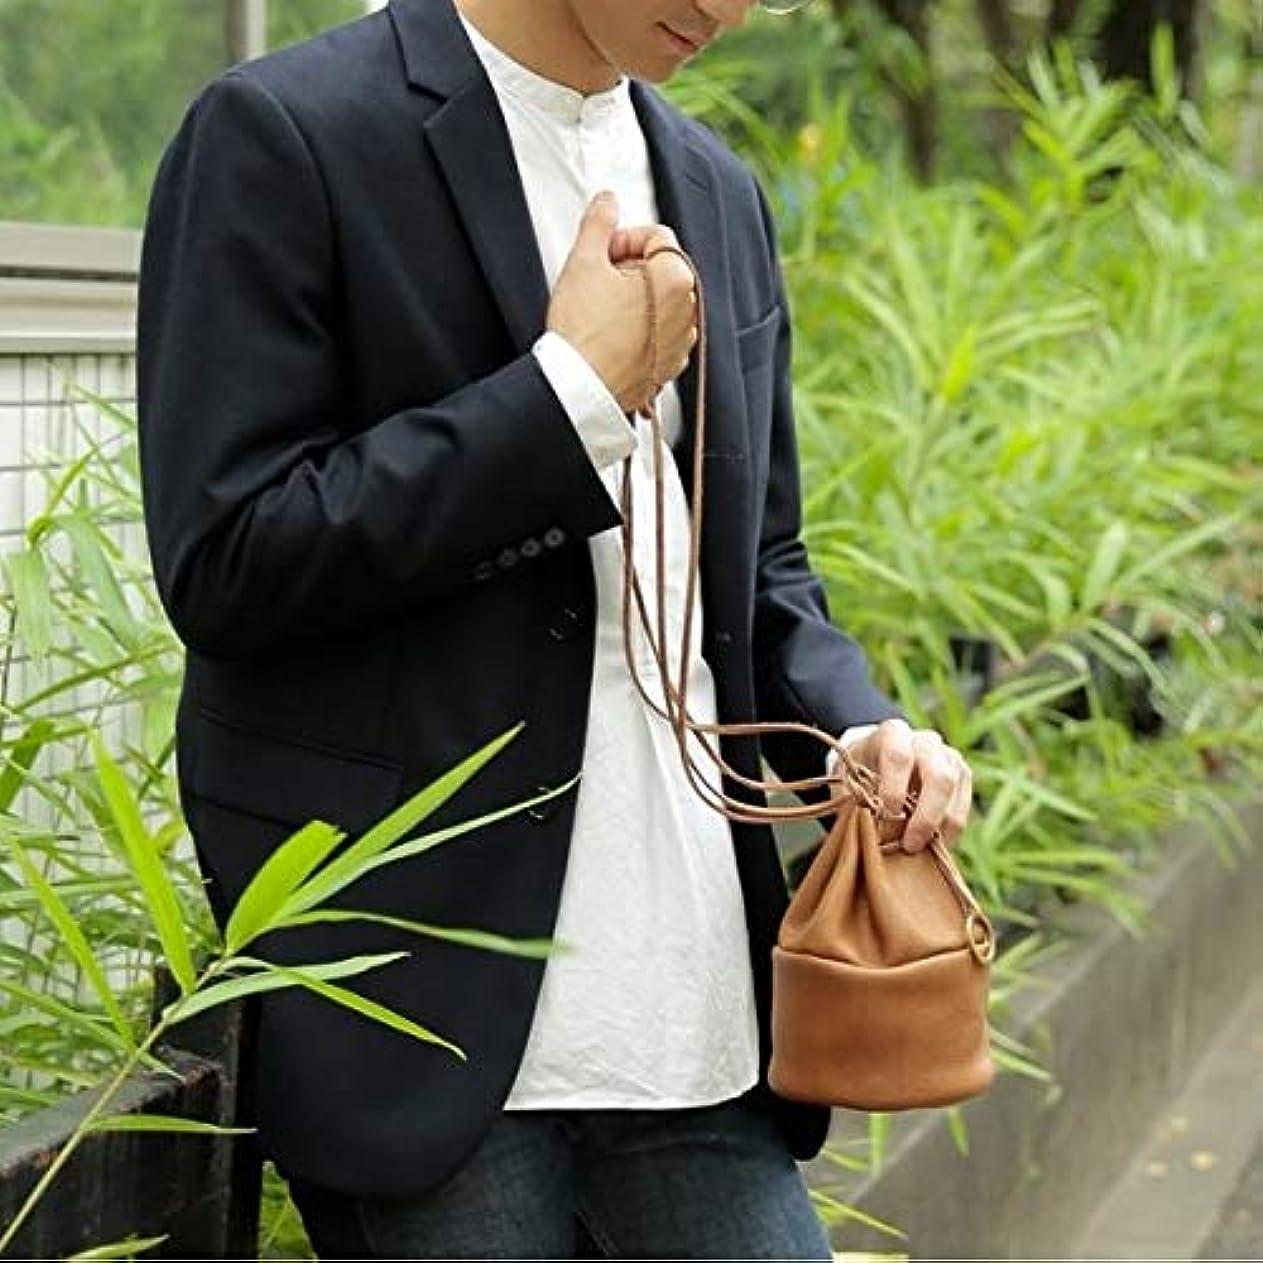 過激派切り下げ概念オティアス(Otias) 【日本製】シュリンクレザーオイル仕上げ巾着バッグ/ポーチ/ミニショルダーバッグ